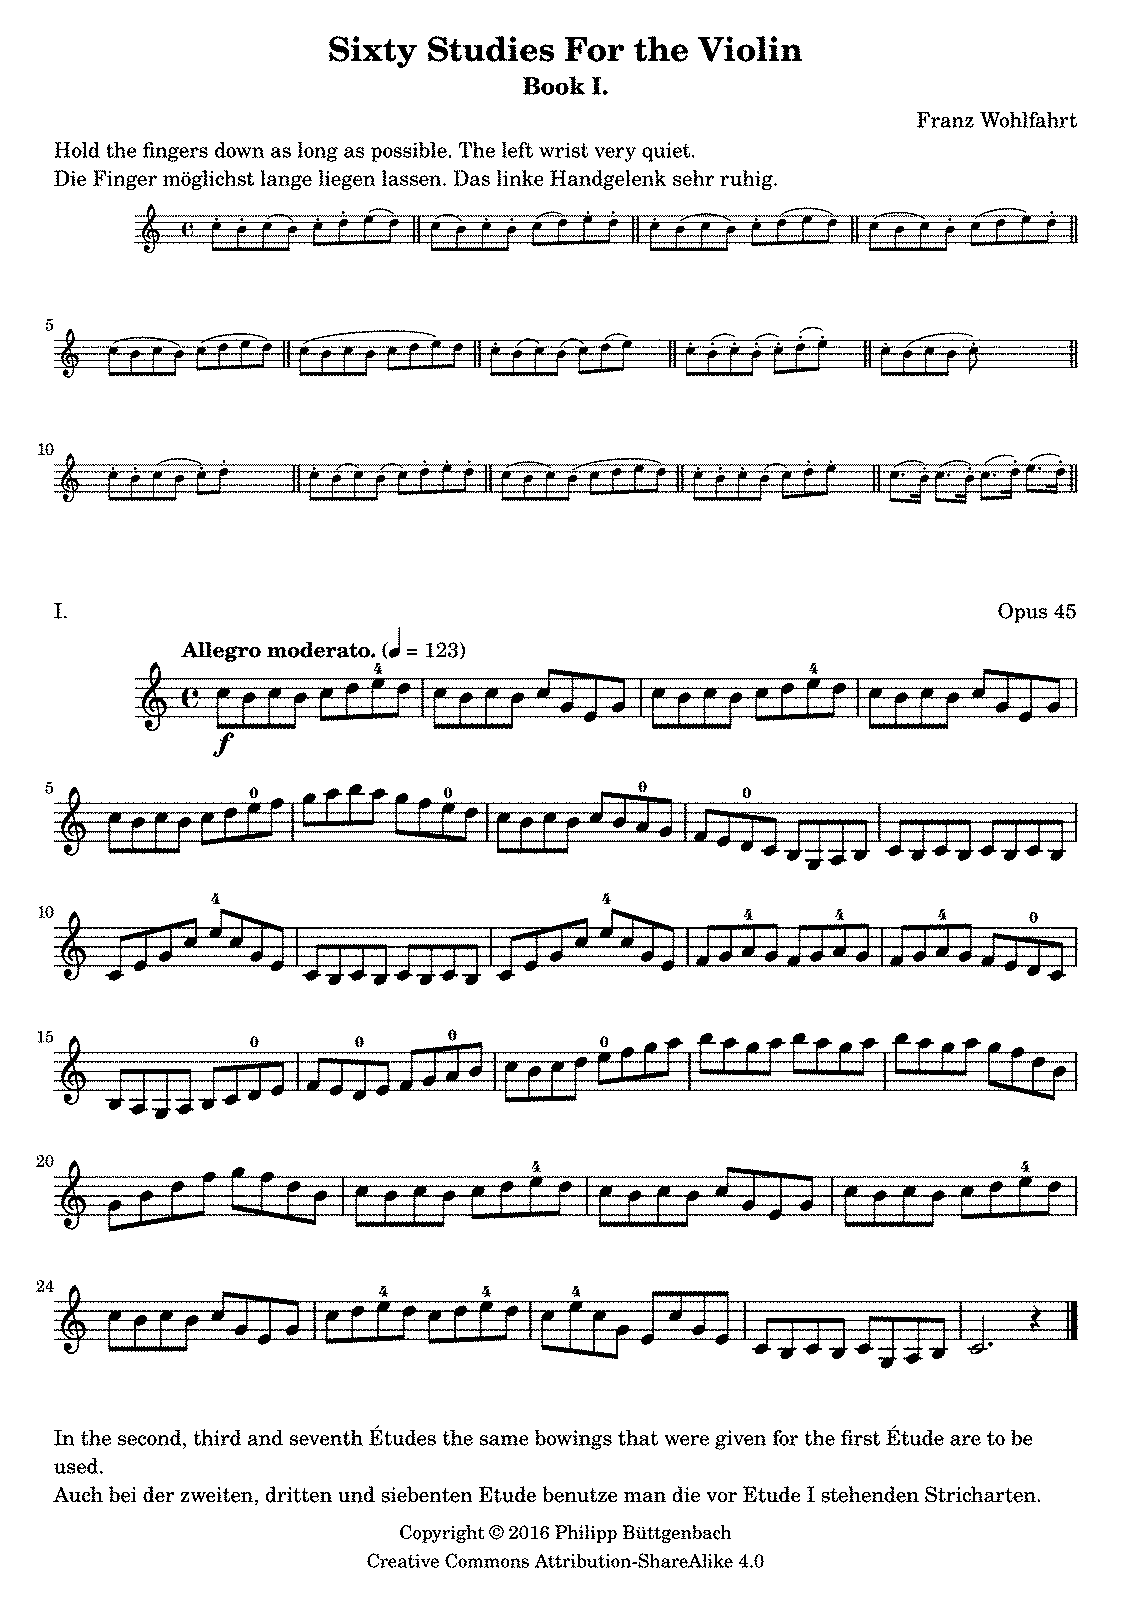 60 Stu S For The Violin Op 45 Wohlfahrt Franz